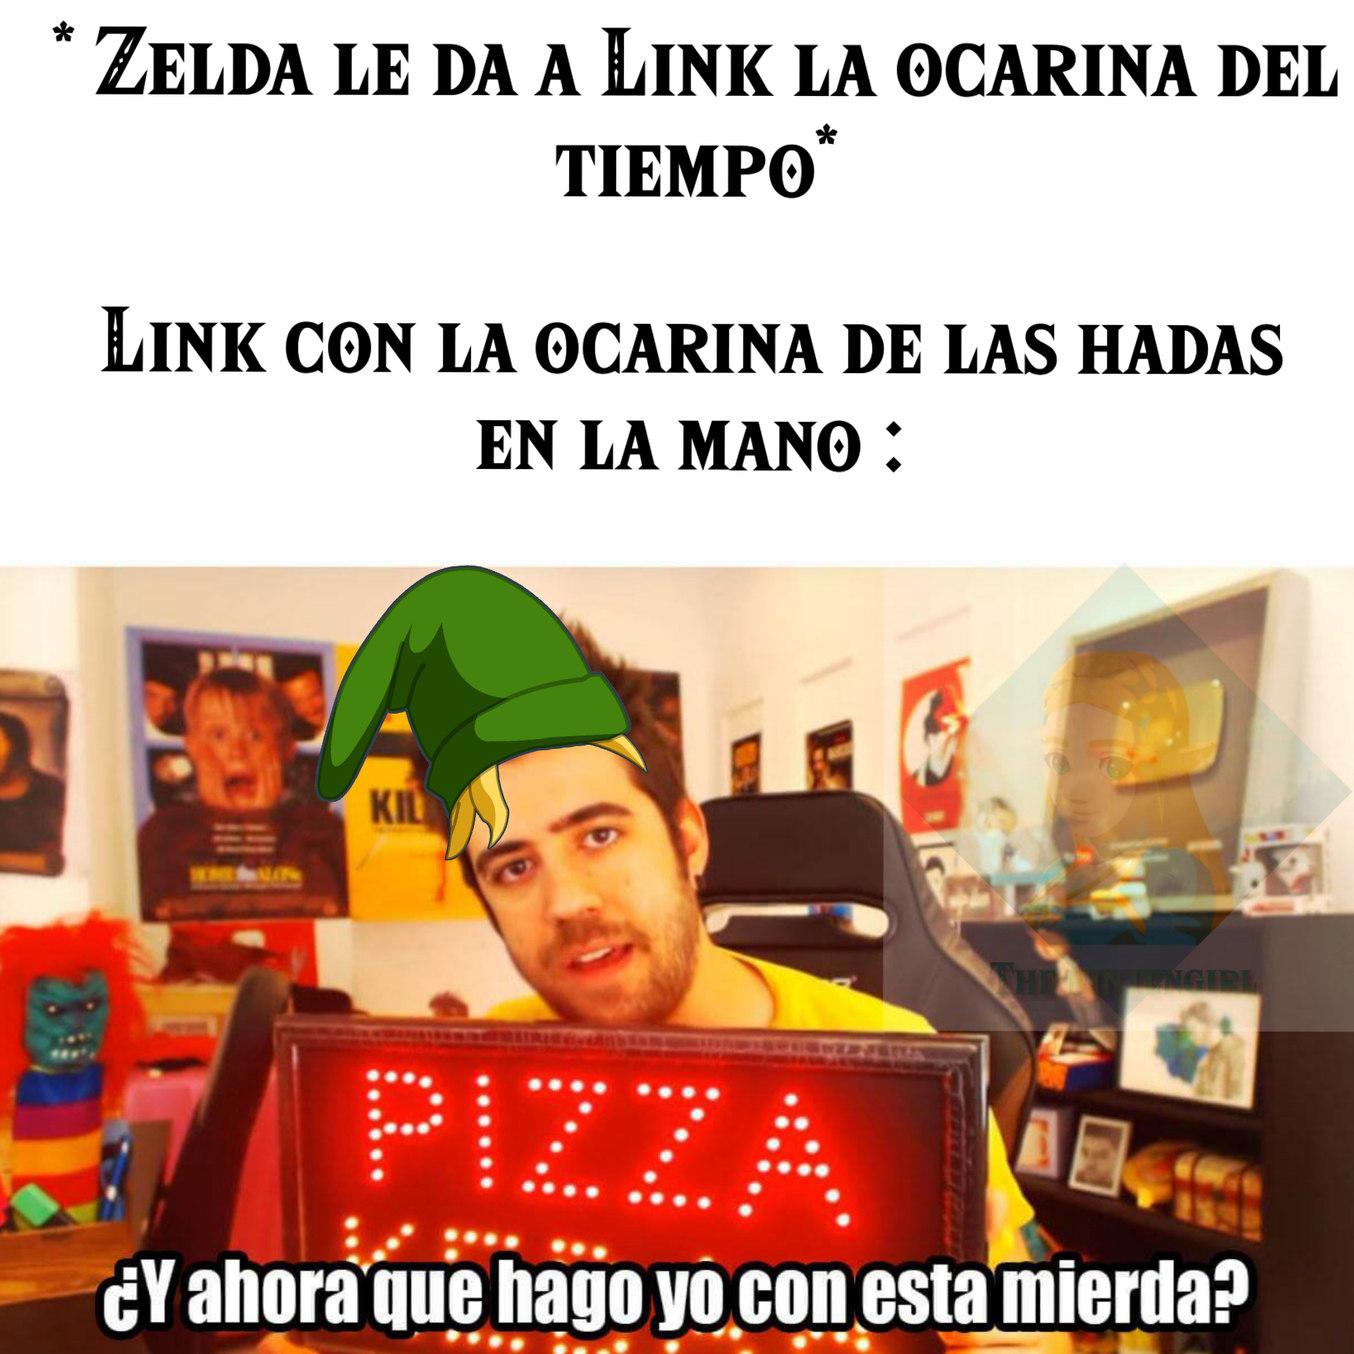 el titulo se fue a salvar a Zelda - meme